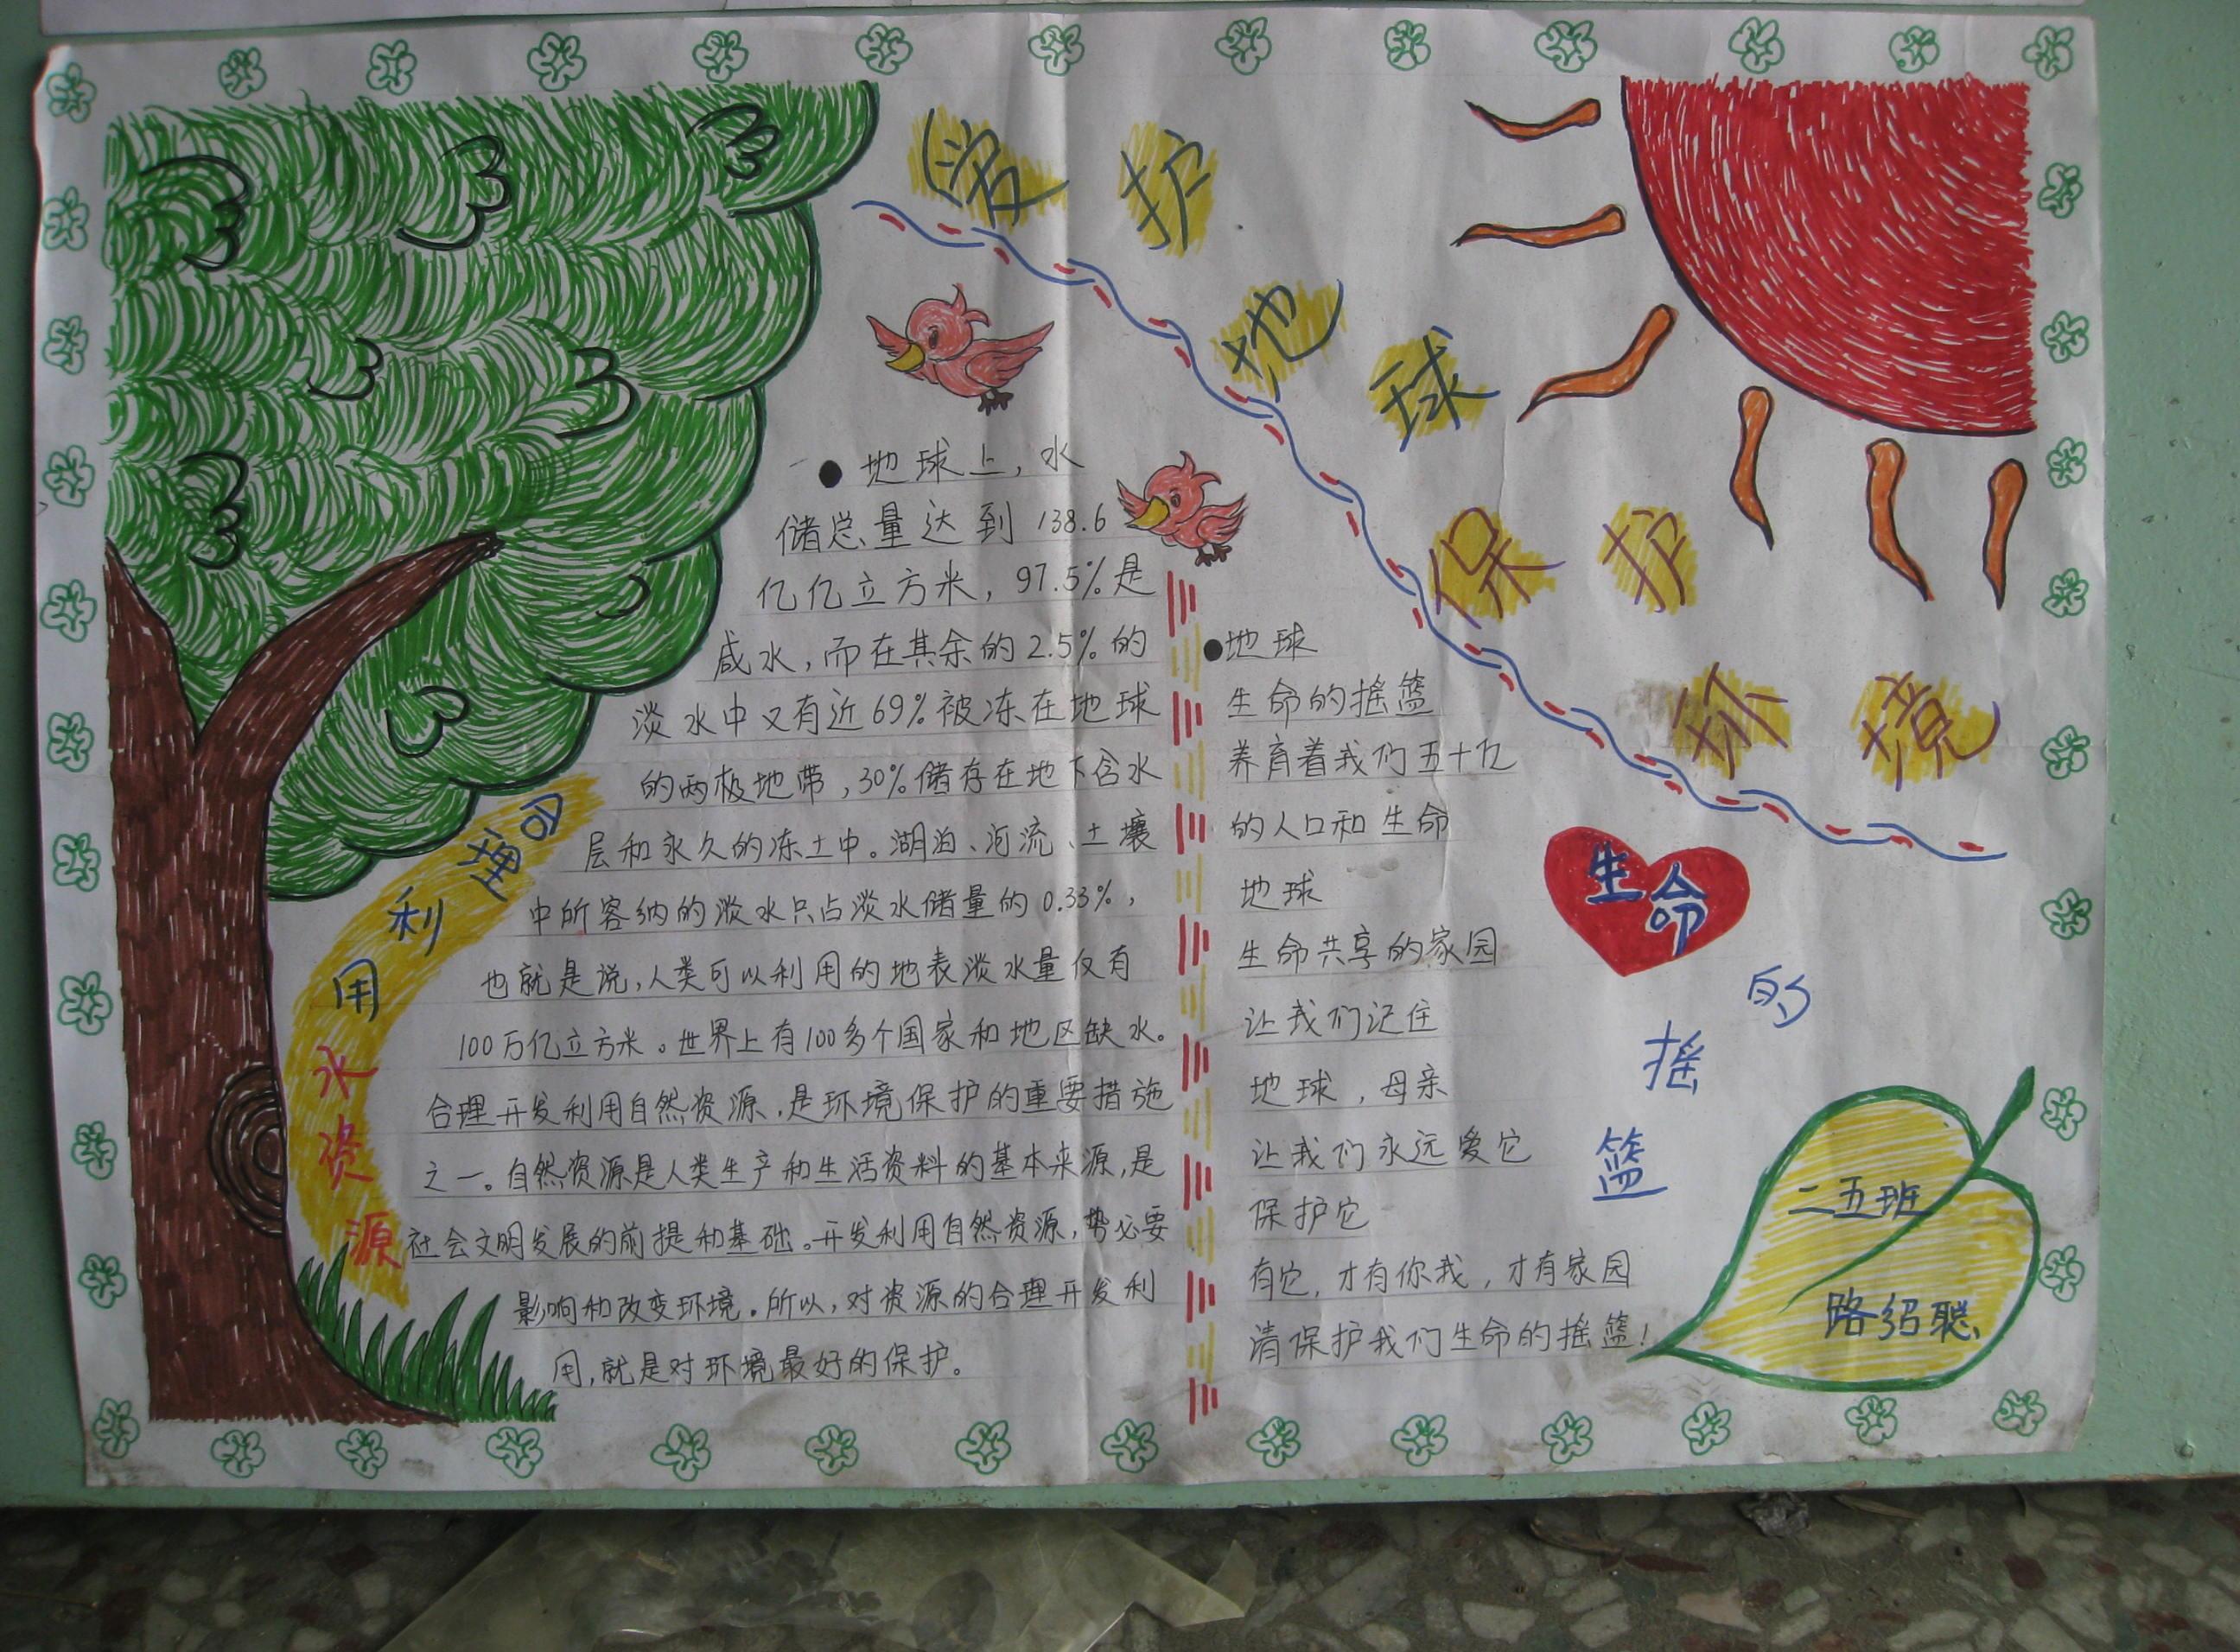 关于爱绿护绿手抄报资料     人心齐,泰山移,绿化家园没问题;    下雨